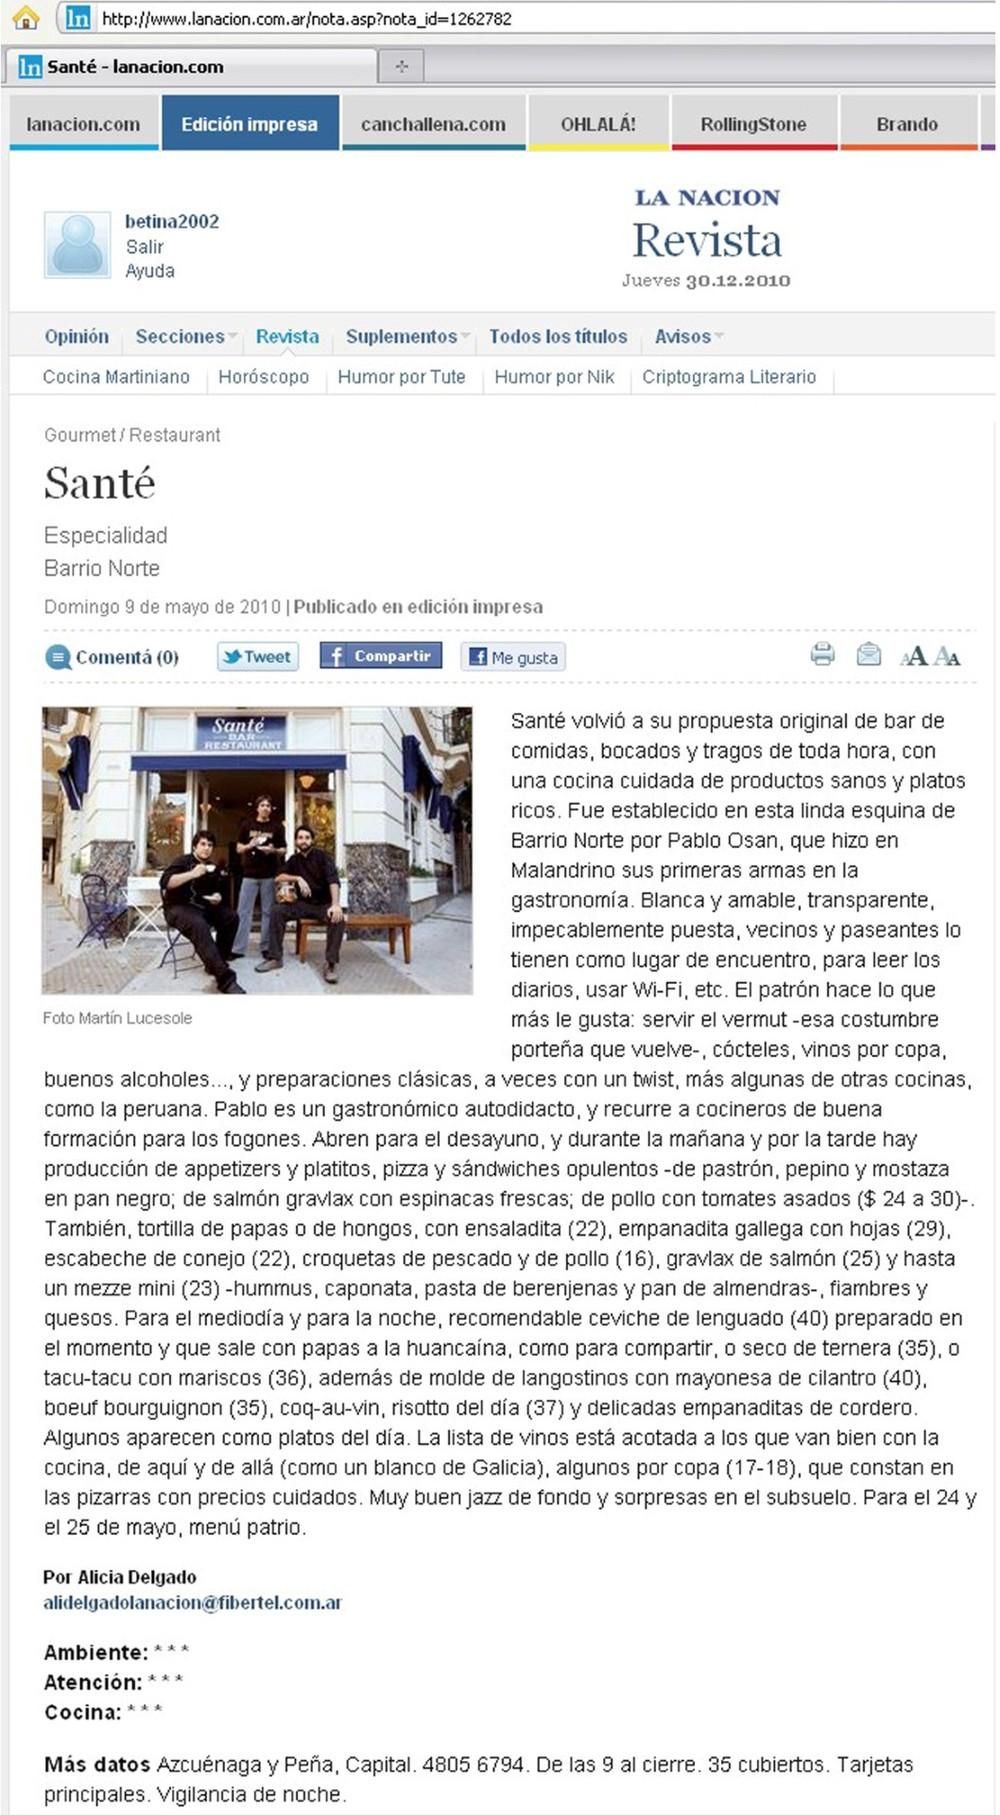 Revista La Nación - DIC/2010